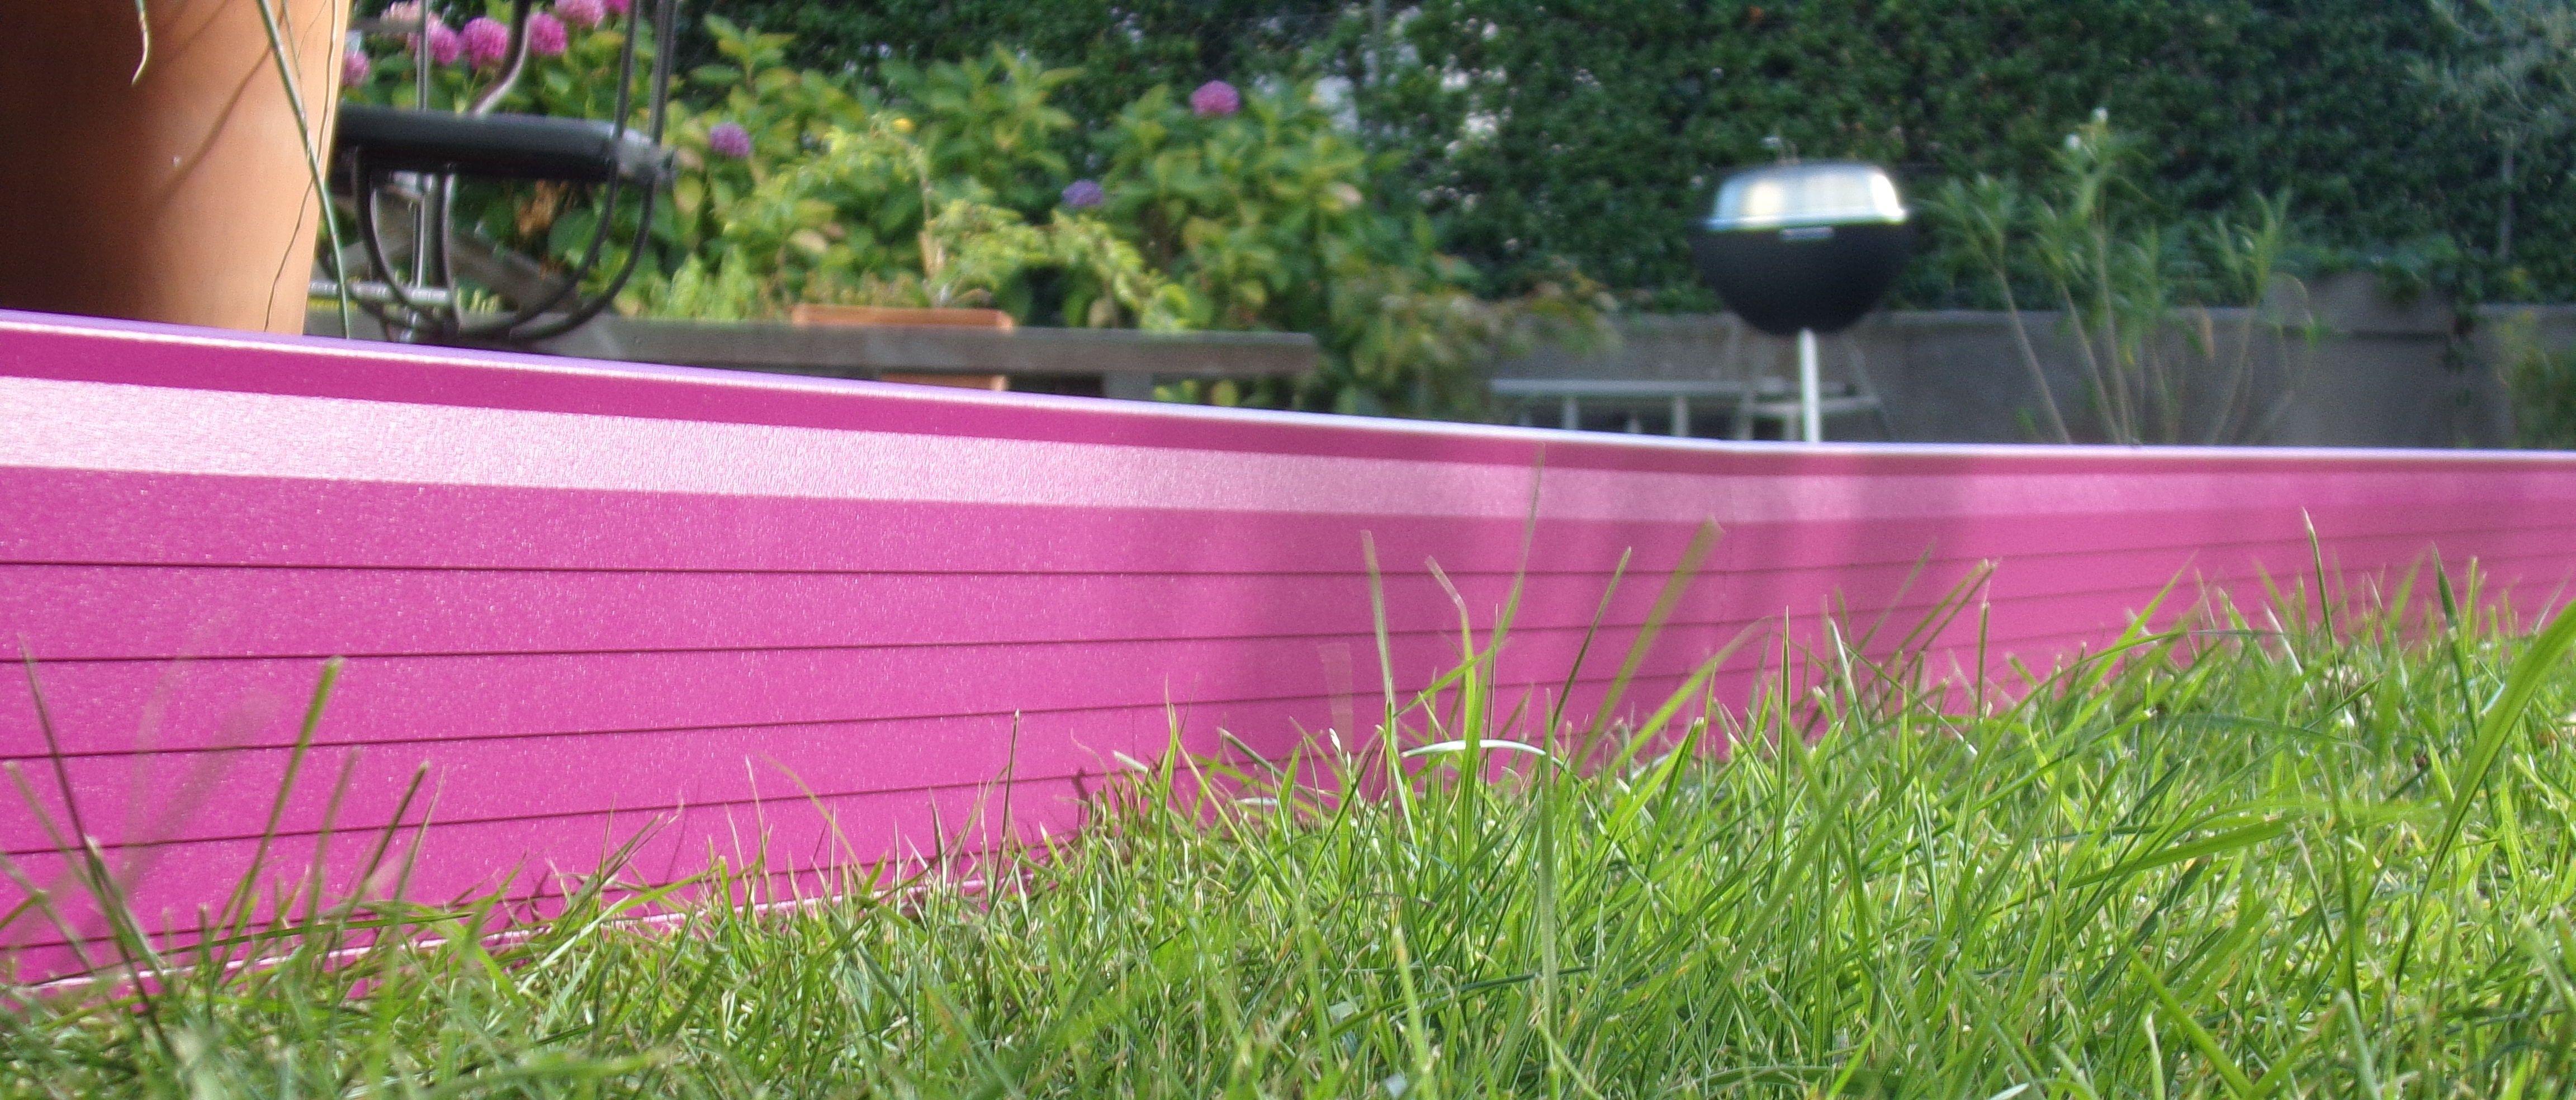 Bordure De Jardin En Aluminium Laque Ral 4008 Teinte Sur Demande